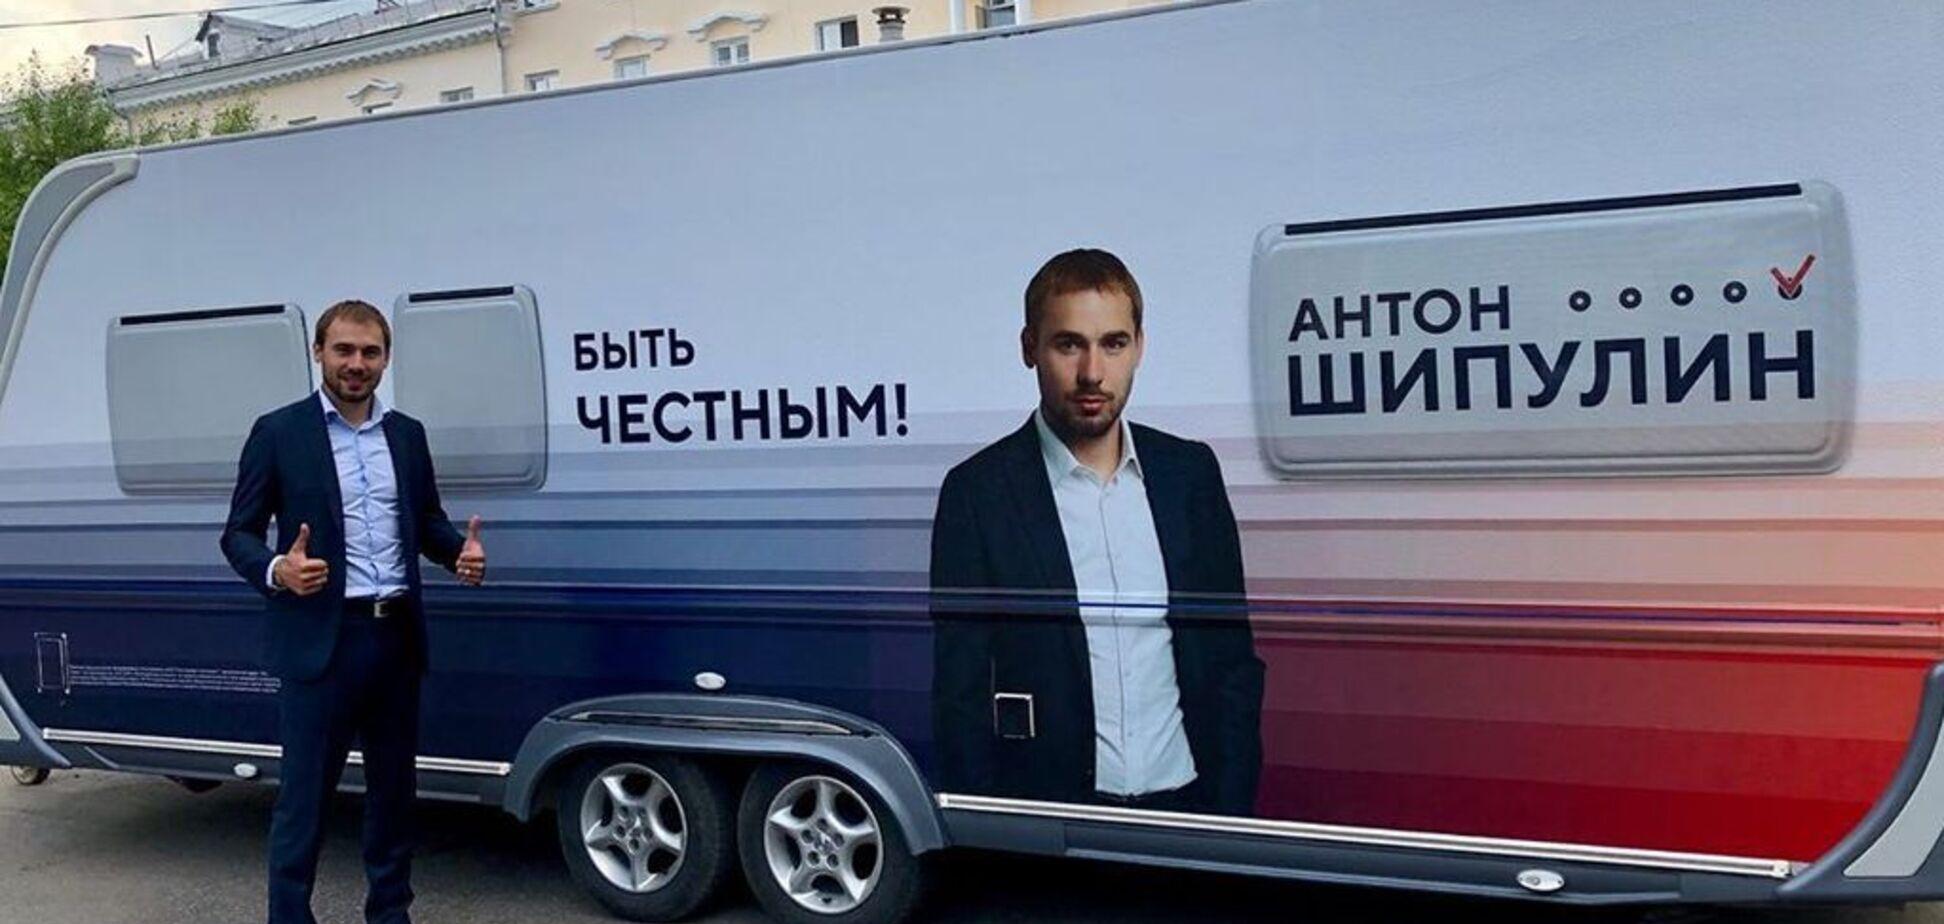 'Позорник' Шипулин совершил 'поступок настоящего российского депутата' и поплатился